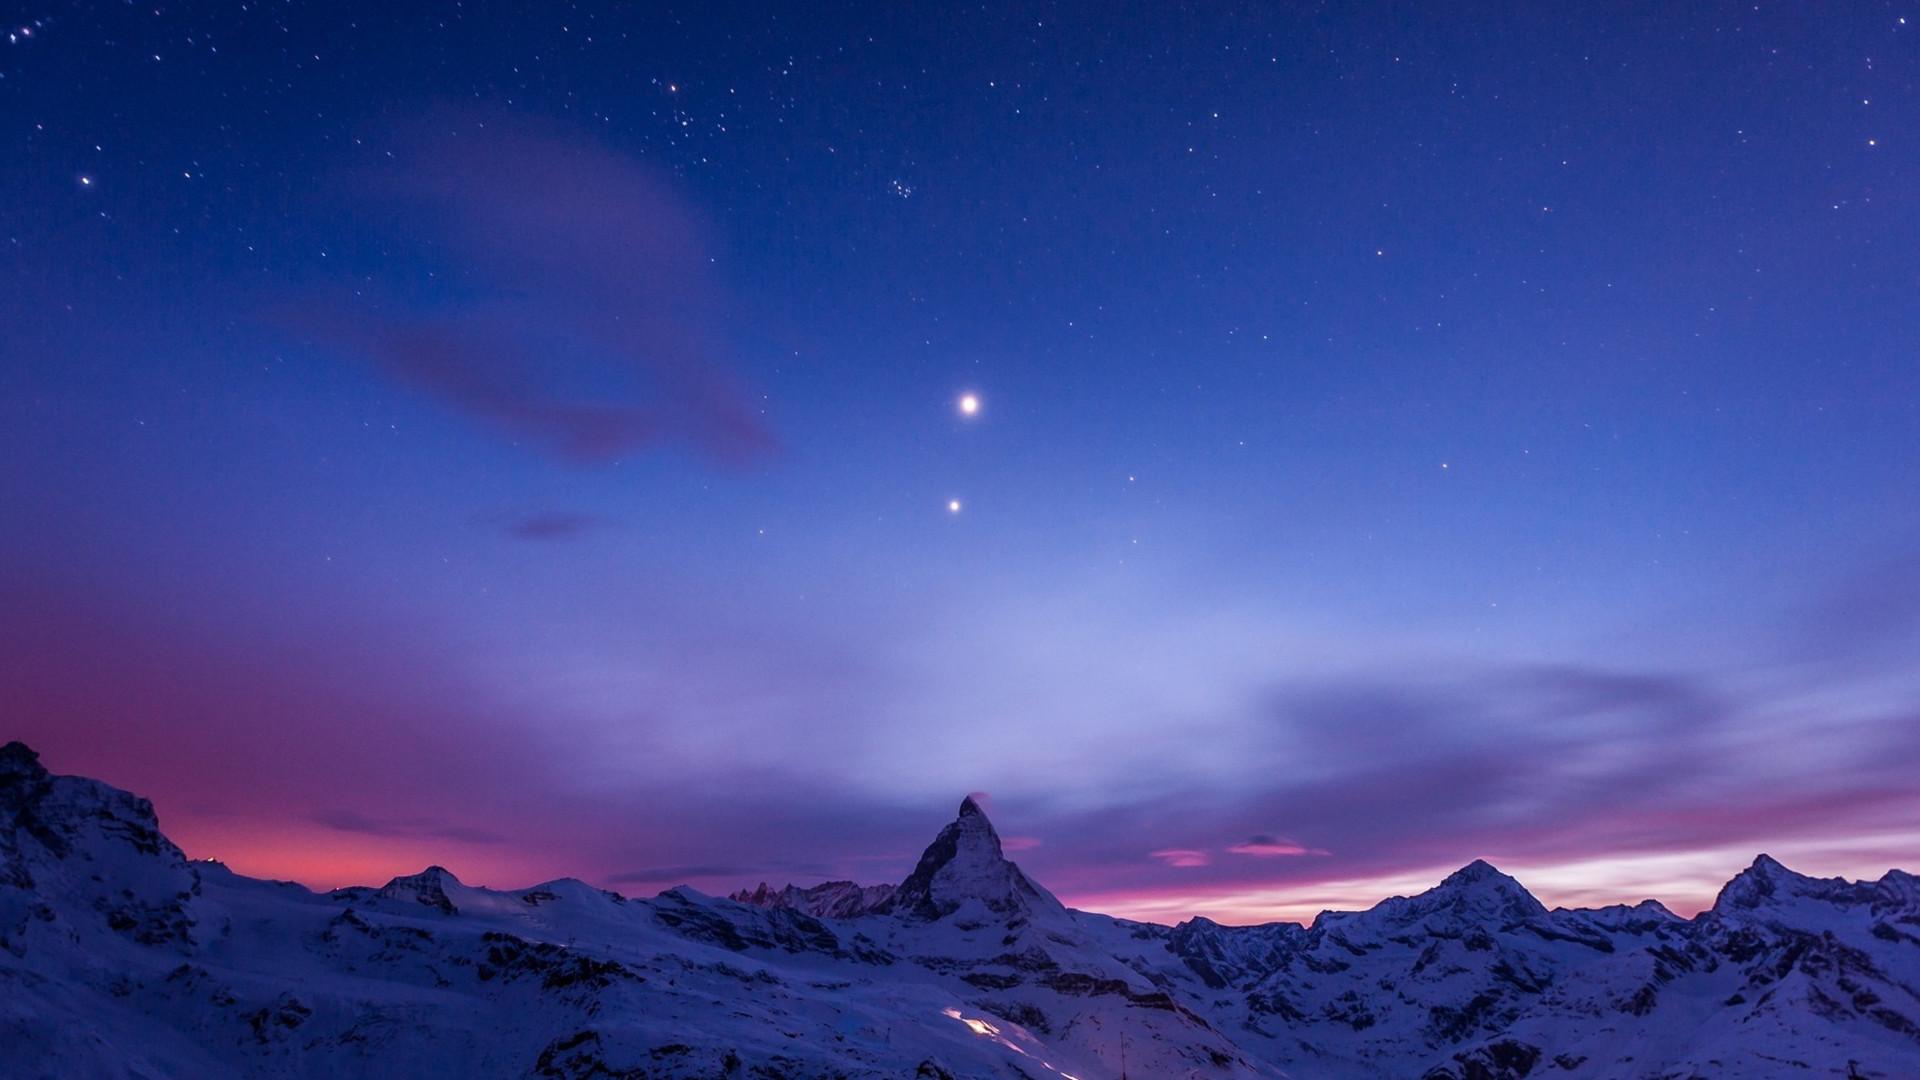 Bạn yêu thích ban đêm, thích đi dạo ngoài trời vào buổi tối? Vậy thì không thể nào bỏ qua khung cảnh đẹp tuyệt vời mà đêm tối mang lại cho con ...